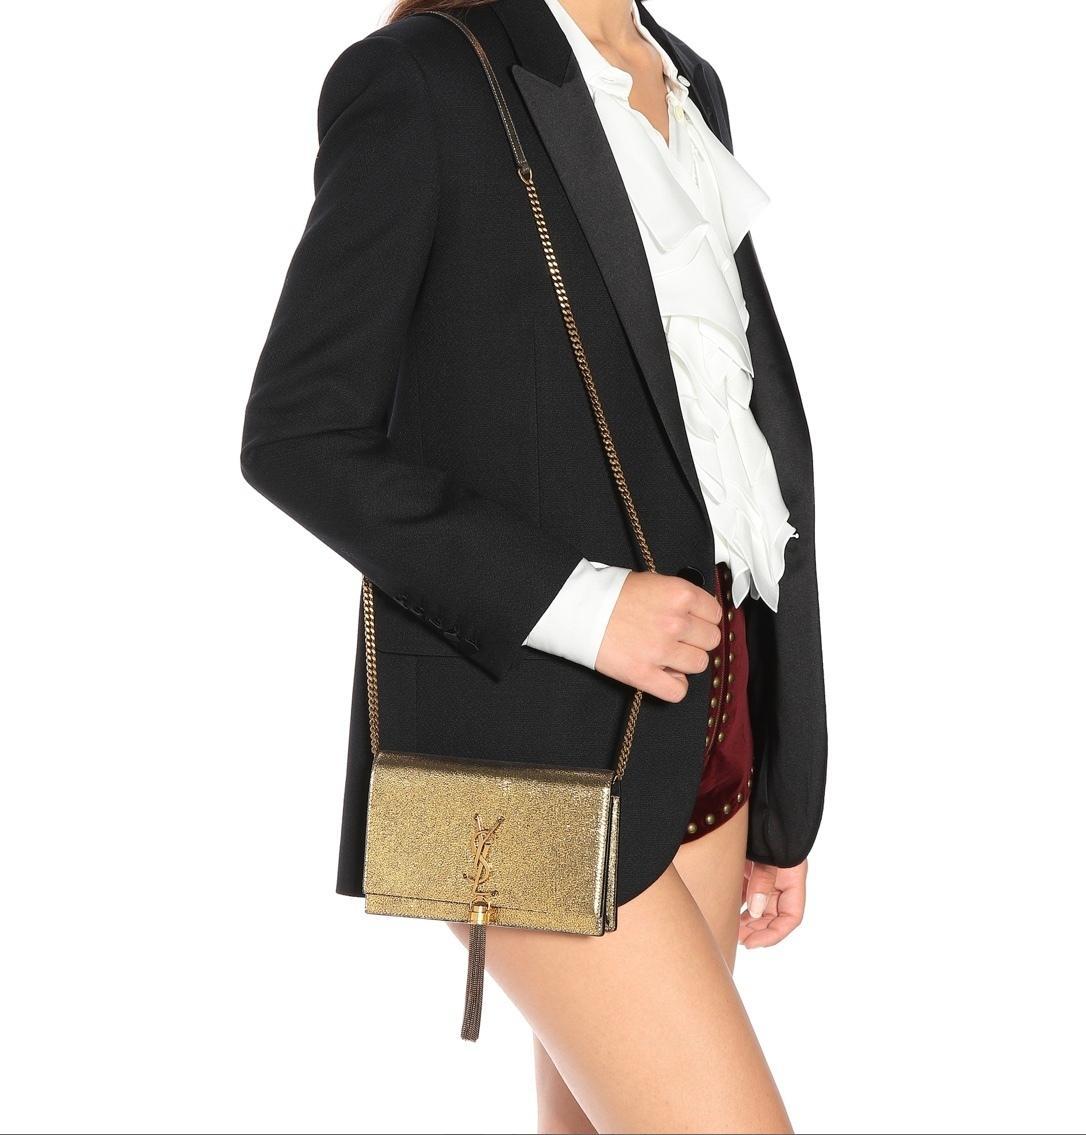 Champagne YSL Tassel Bag · Champagne YSL Tassel Bag ... c8ddd391fc8c0